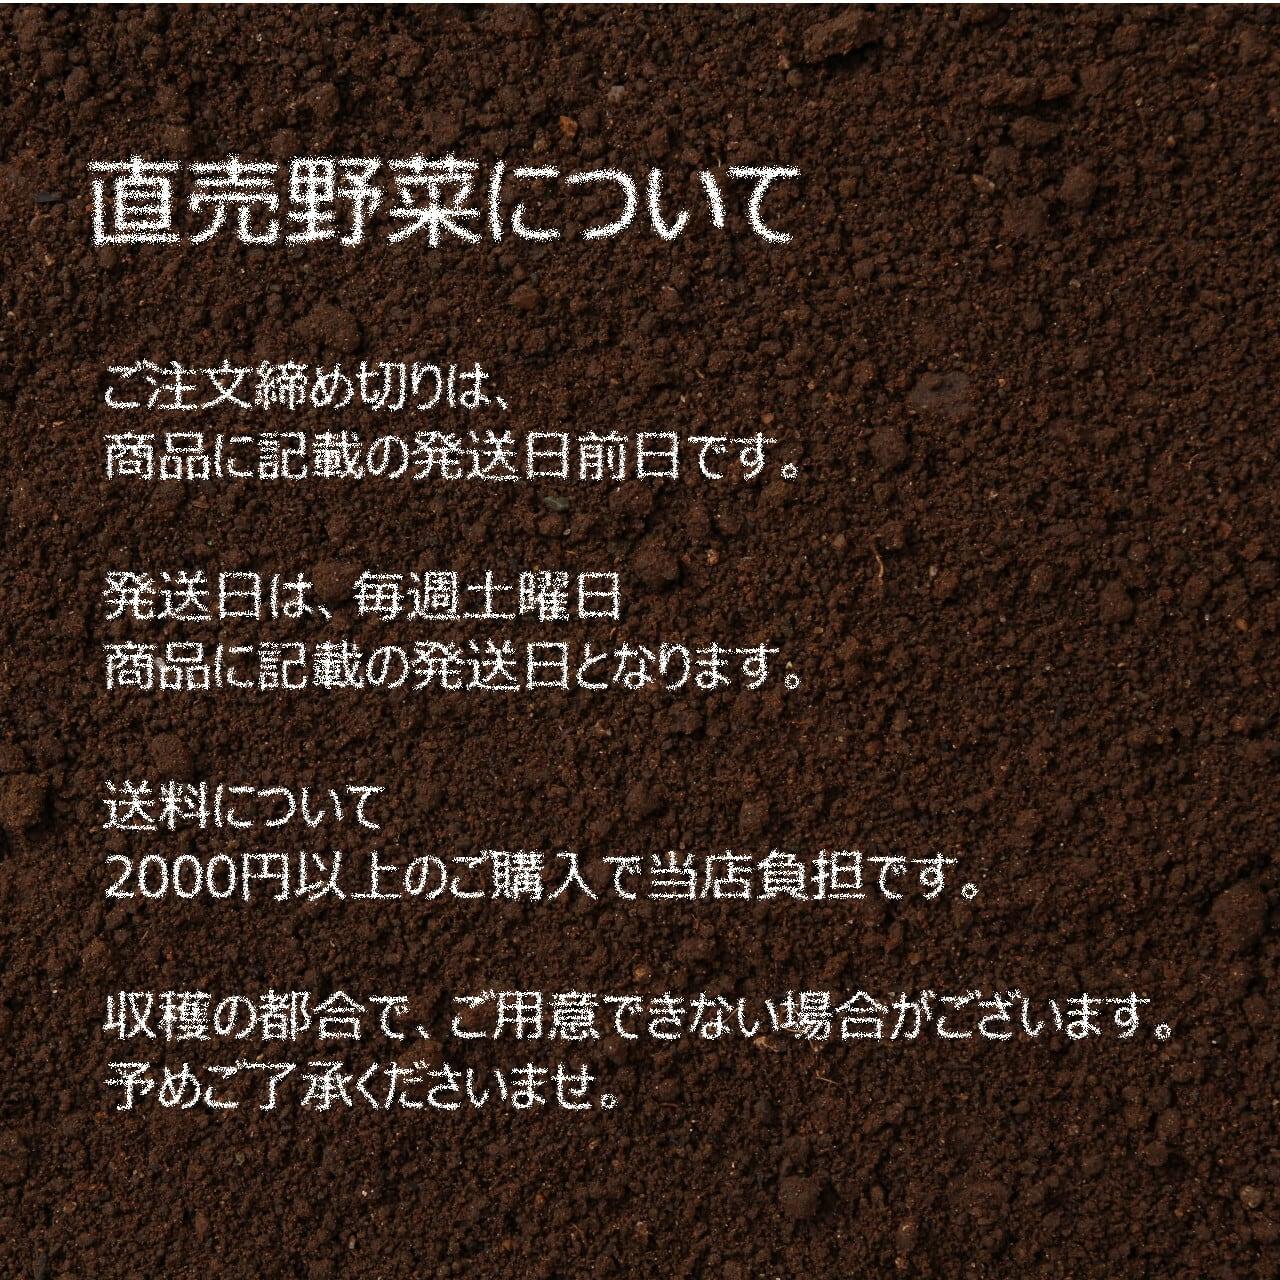 6月の新鮮野菜 : ブロッコリー 約 1個 朝採り直売野菜 6月26日発送予定